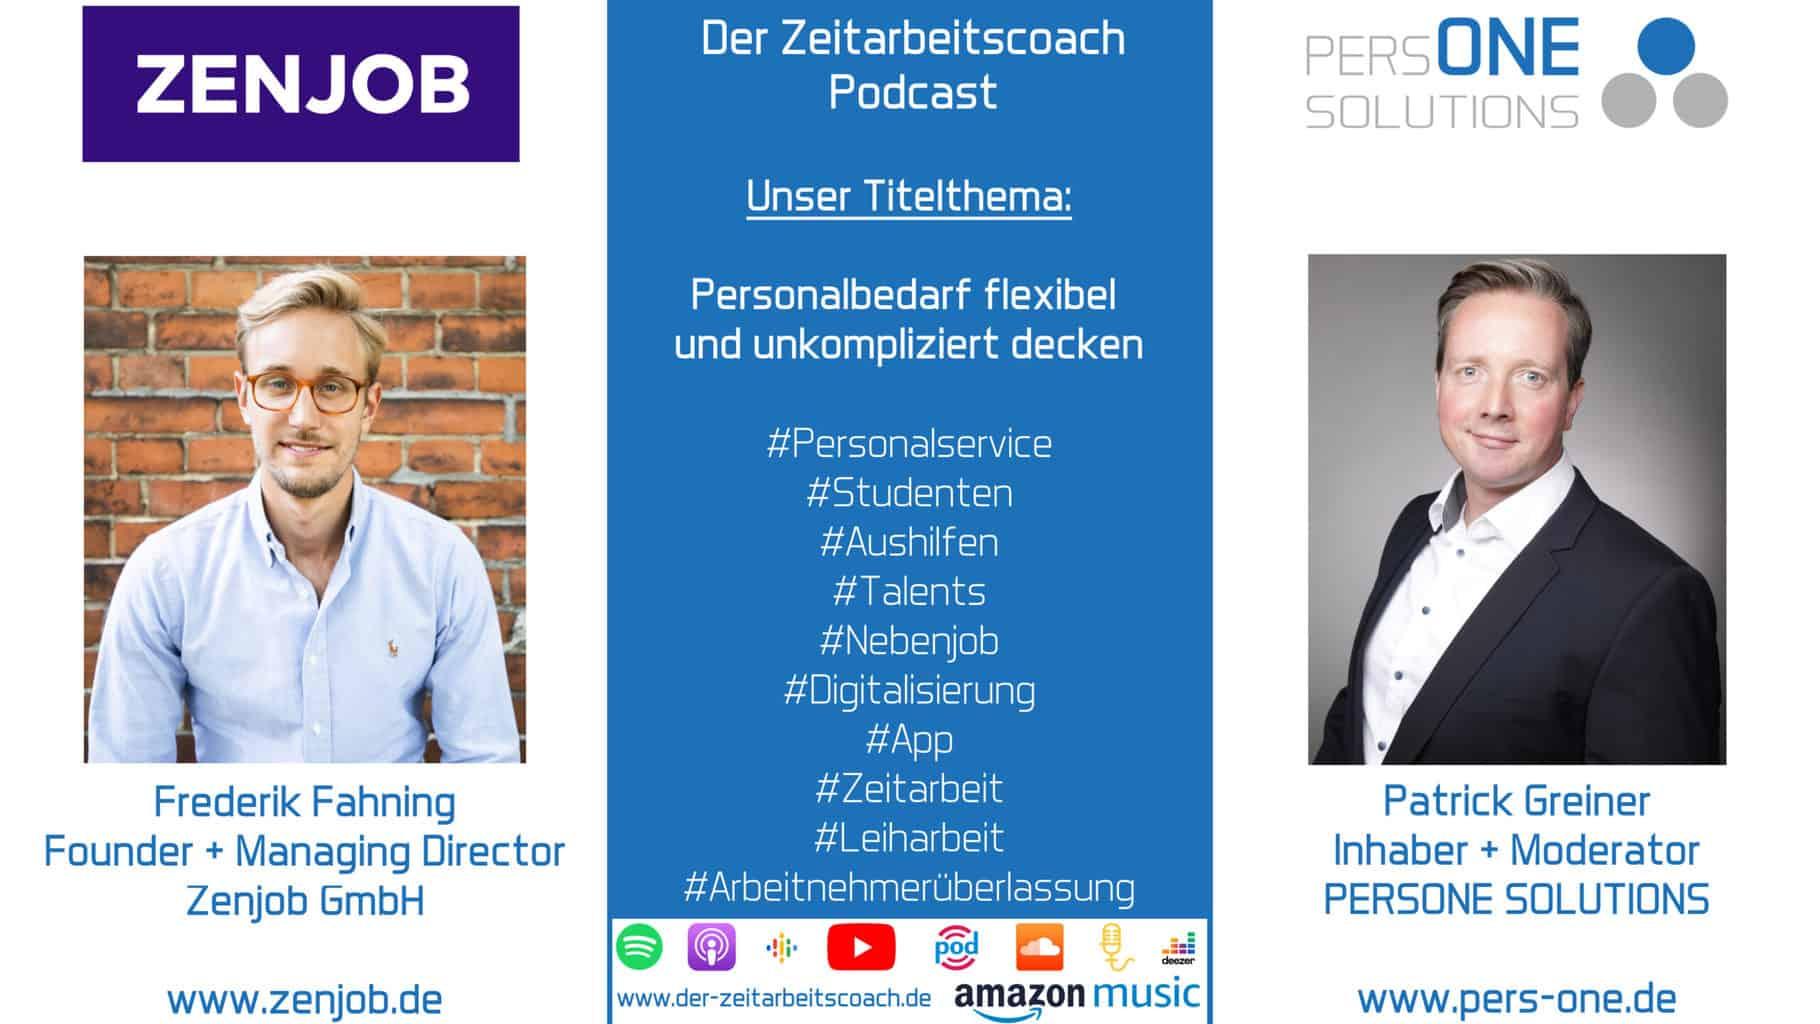 Fahning, Frederik_Zenjob_Podcast SM Grafik-Interview_Zeitarbeitscoach-Podcast